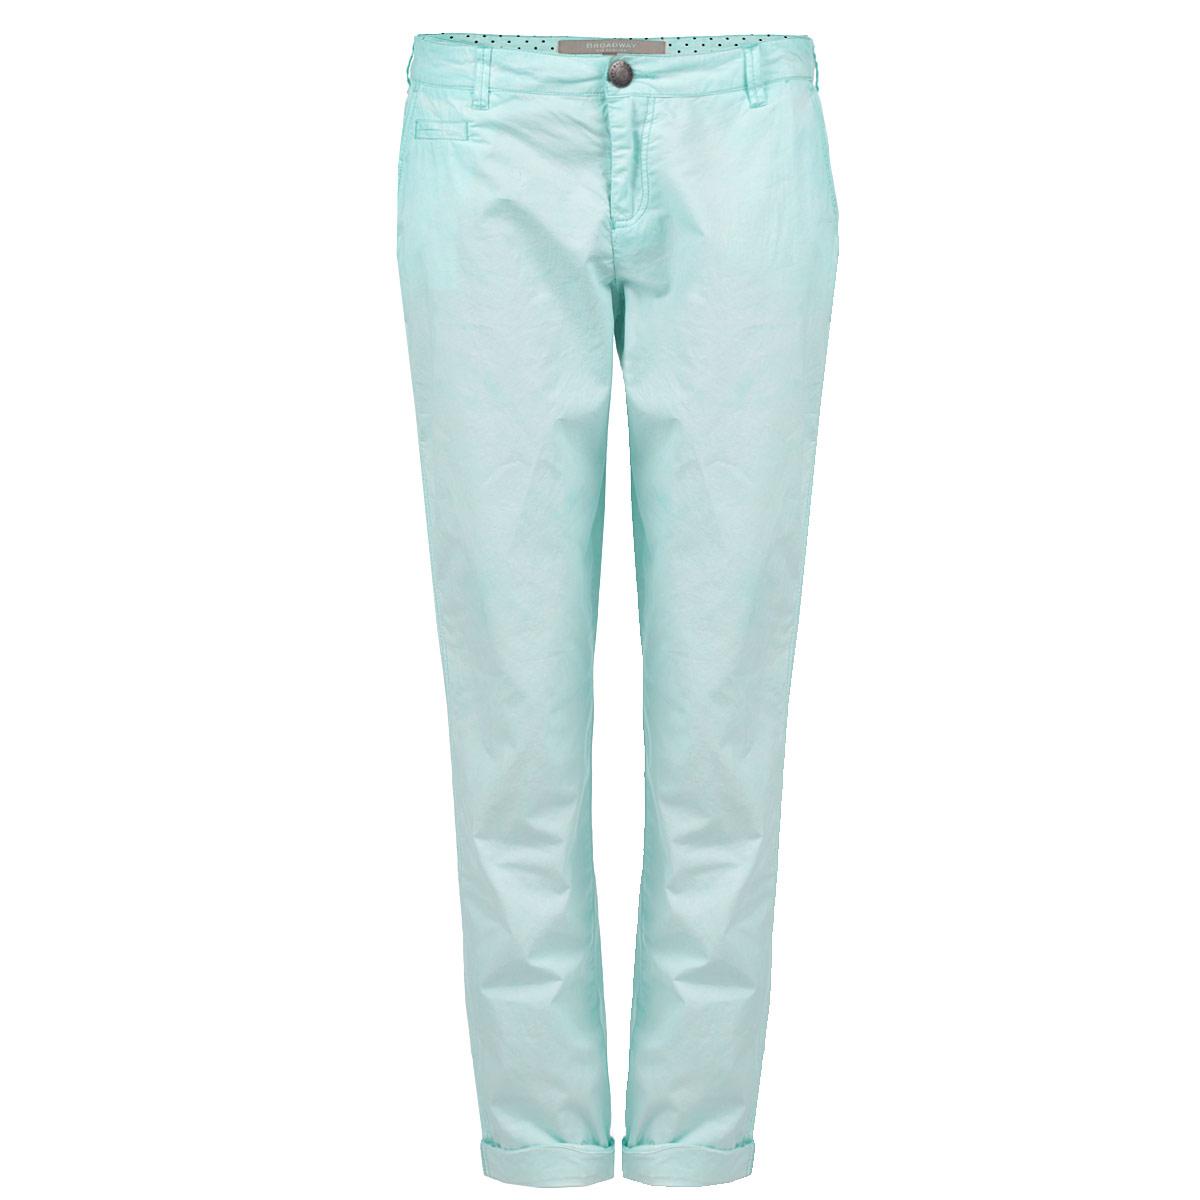 Брюки10151122 63A-seaspray green washeСтильные женские брюки Broadway созданы специально для того, чтобы подчеркивать достоинства вашей фигуры. Брюки выполнены из натурального хлопка, мягкого и приятного на ощупь. Модель прямого кроя и низкой посадки станет отличным дополнением к вашему современному образу. Застегиваются брюки на пуговицу в поясе и ширинку на застежке-молнии, имеются шлевки для ремня. Спереди модель оформлена двумя втачными карманами и имитацией прорезного кармашка, сзади - двумя прорезными карманами. Эти модные и в тоже время комфортные брюки послужат отличным дополнением к вашему гардеробу. В них вы всегда будете чувствовать себя уютно и комфортно.